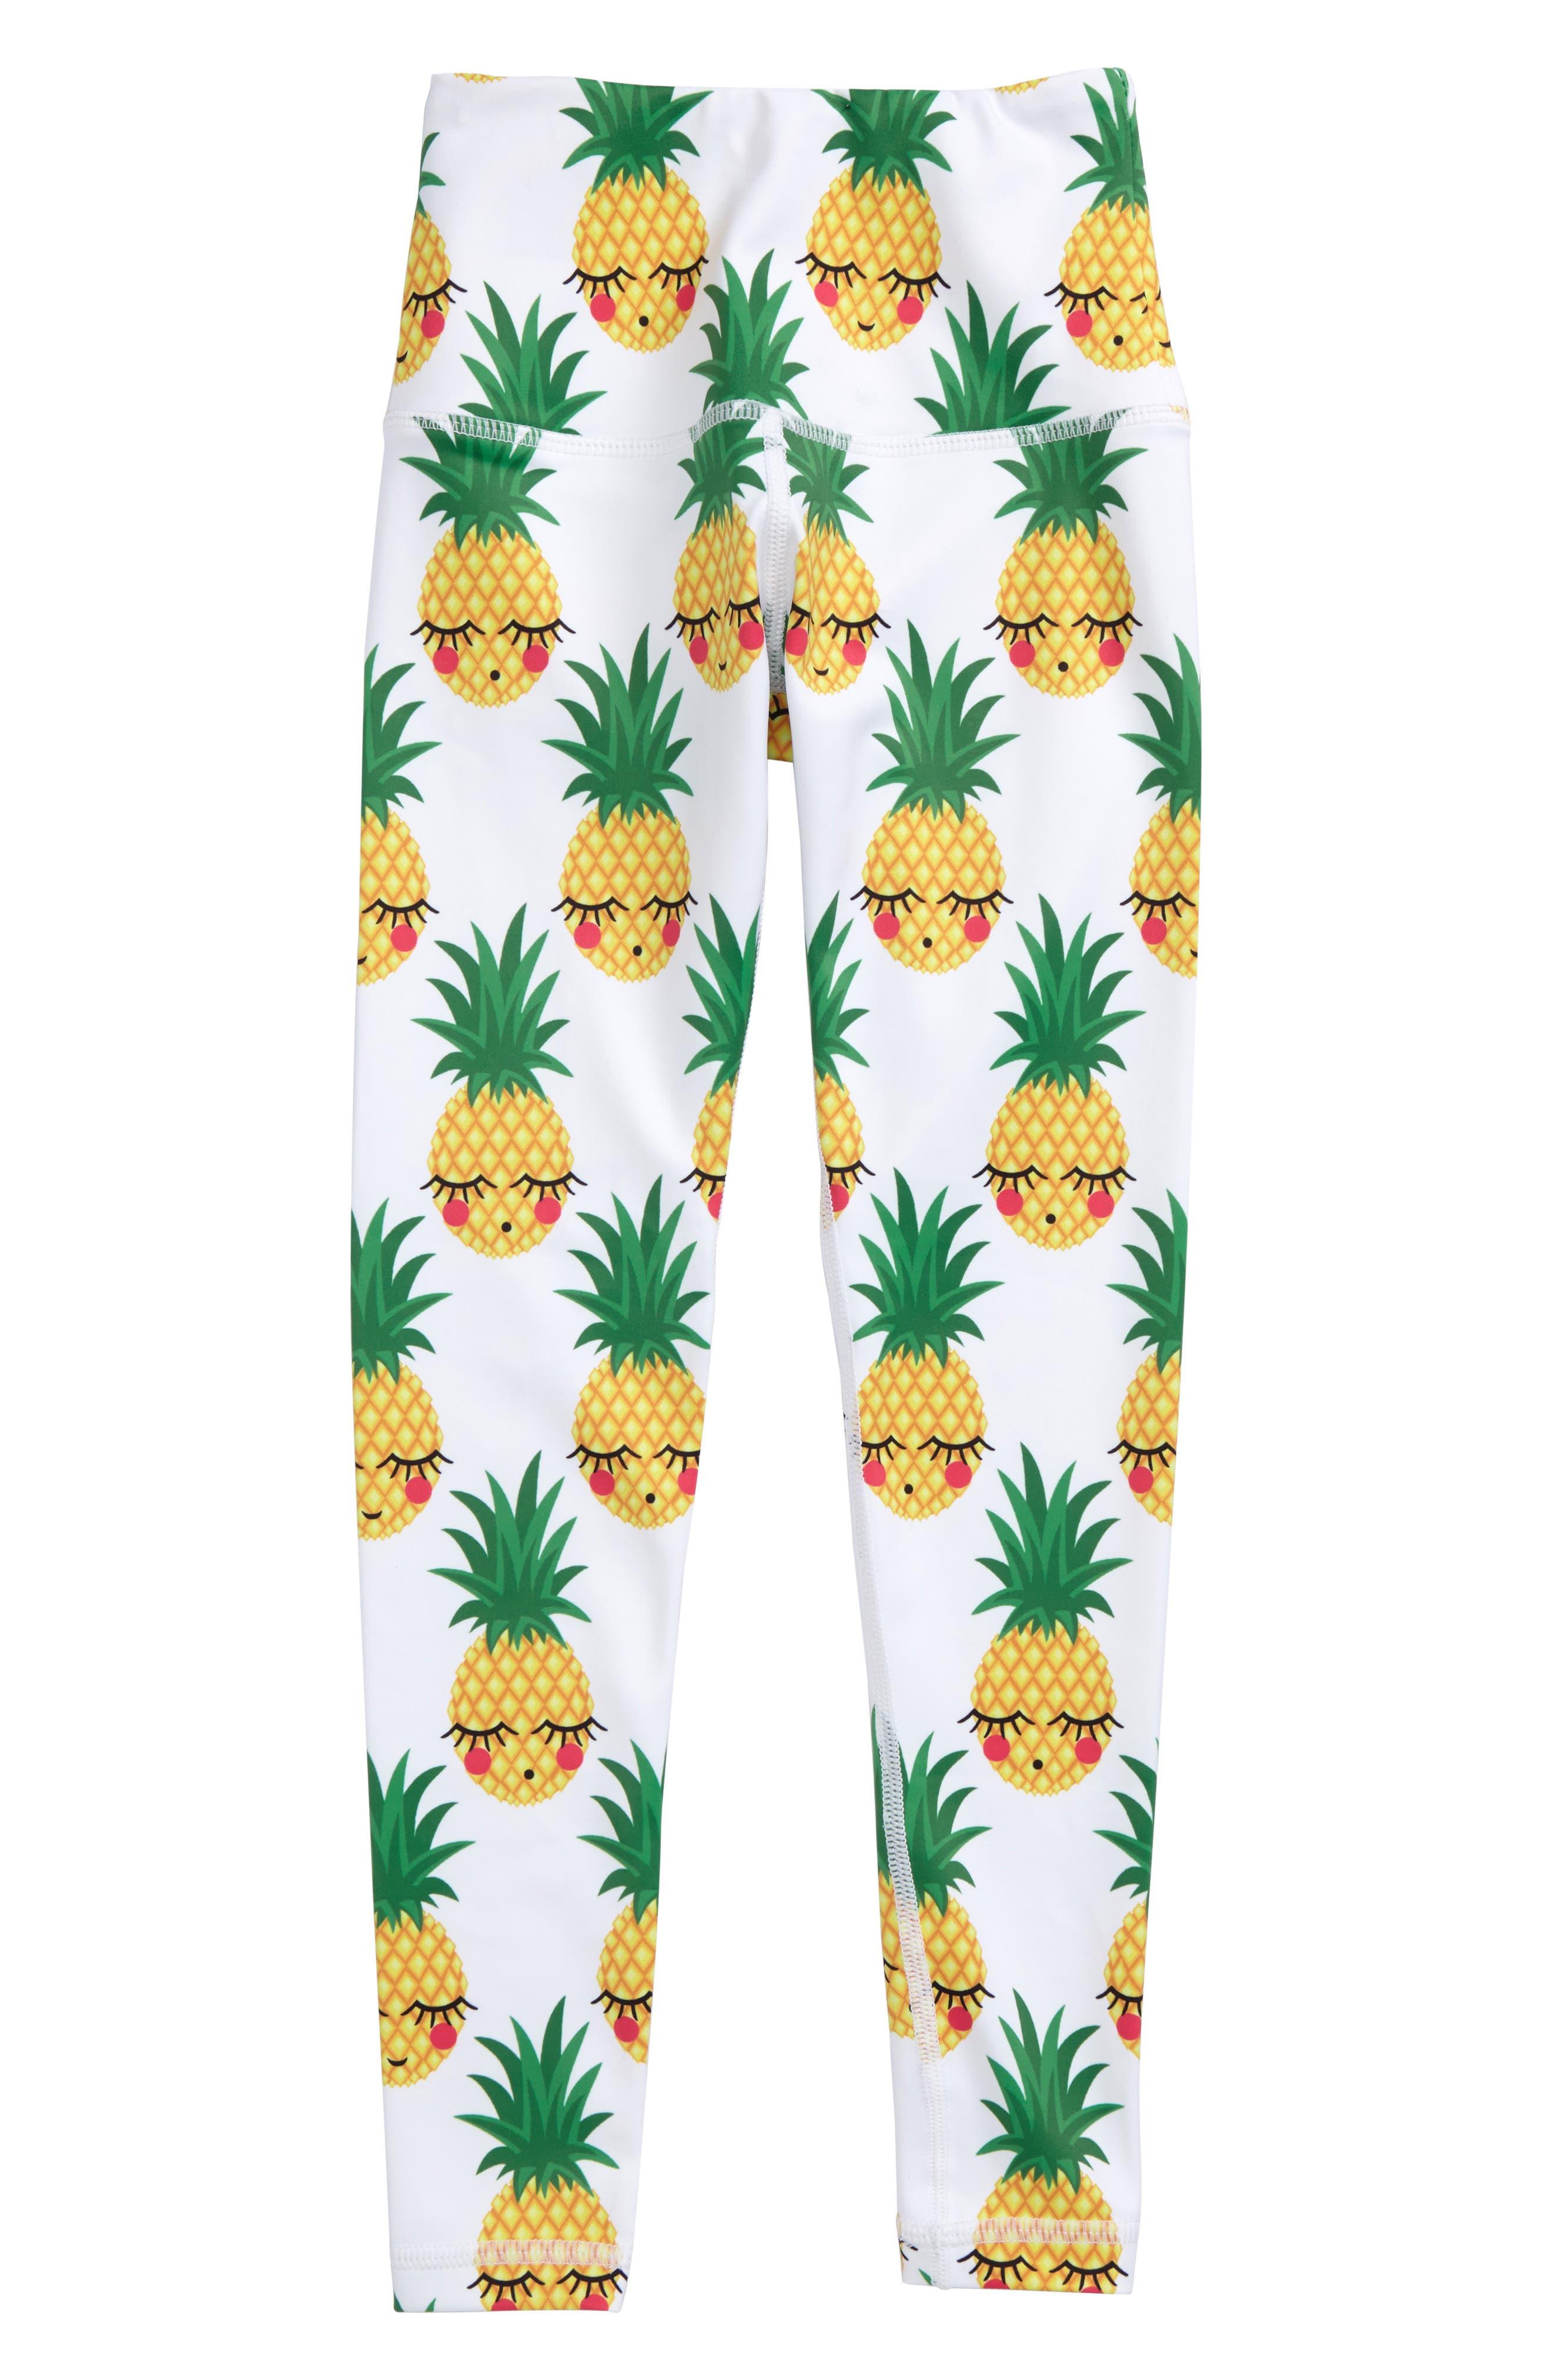 Flexi Lexi Pineapple Print Leggings (Little Girls & Big Girls)